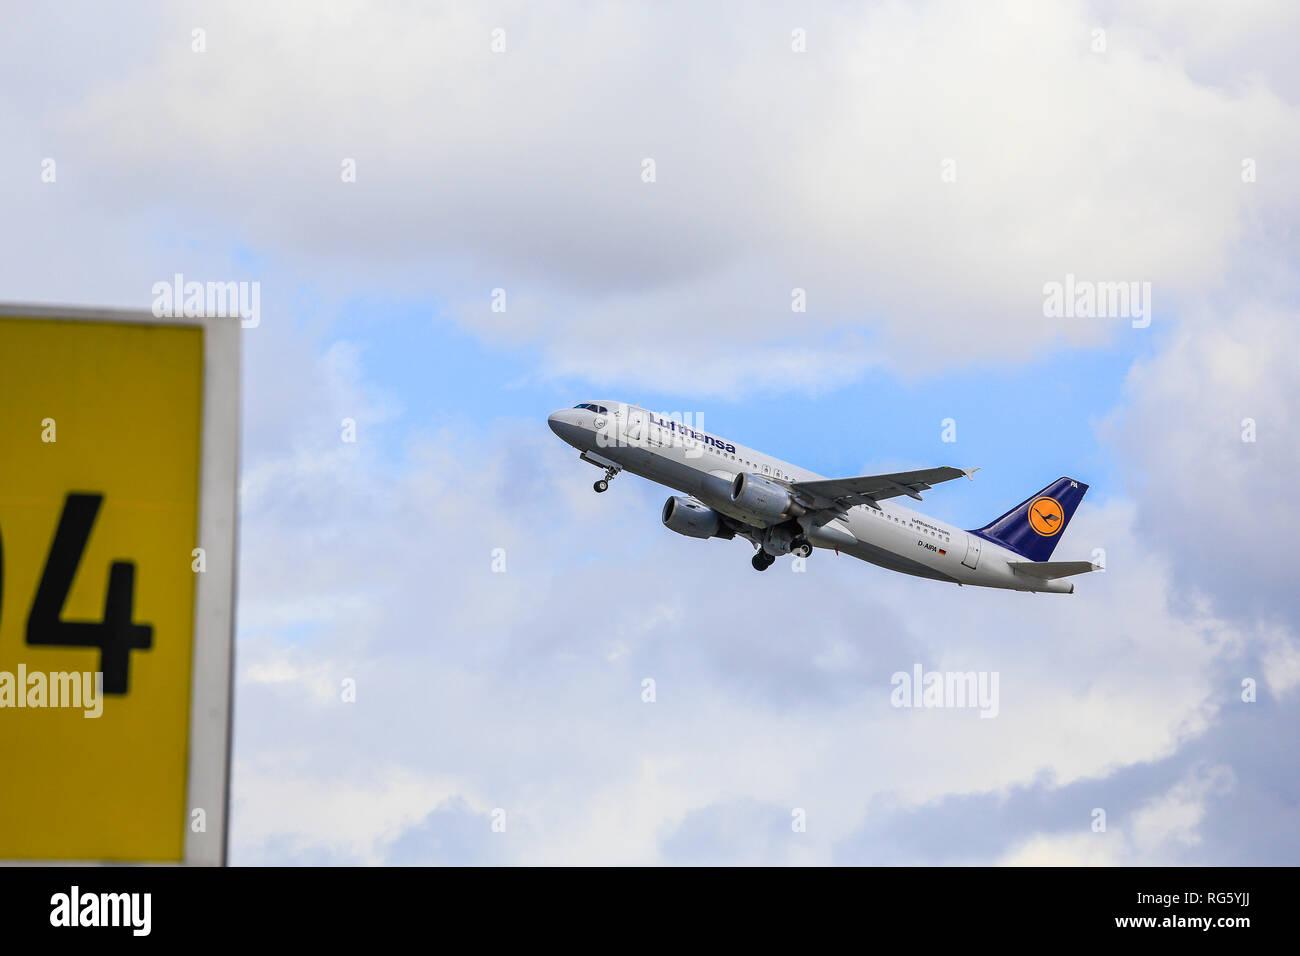 Lufthansa aviones en el cielo, un aeropuerto internacional, DŸsseldorf DŸsseldorf, Renania del Norte-Westfalia, Alemania, Europa, Lufthansa Flugzeug am Himmel, Fl. Foto de stock